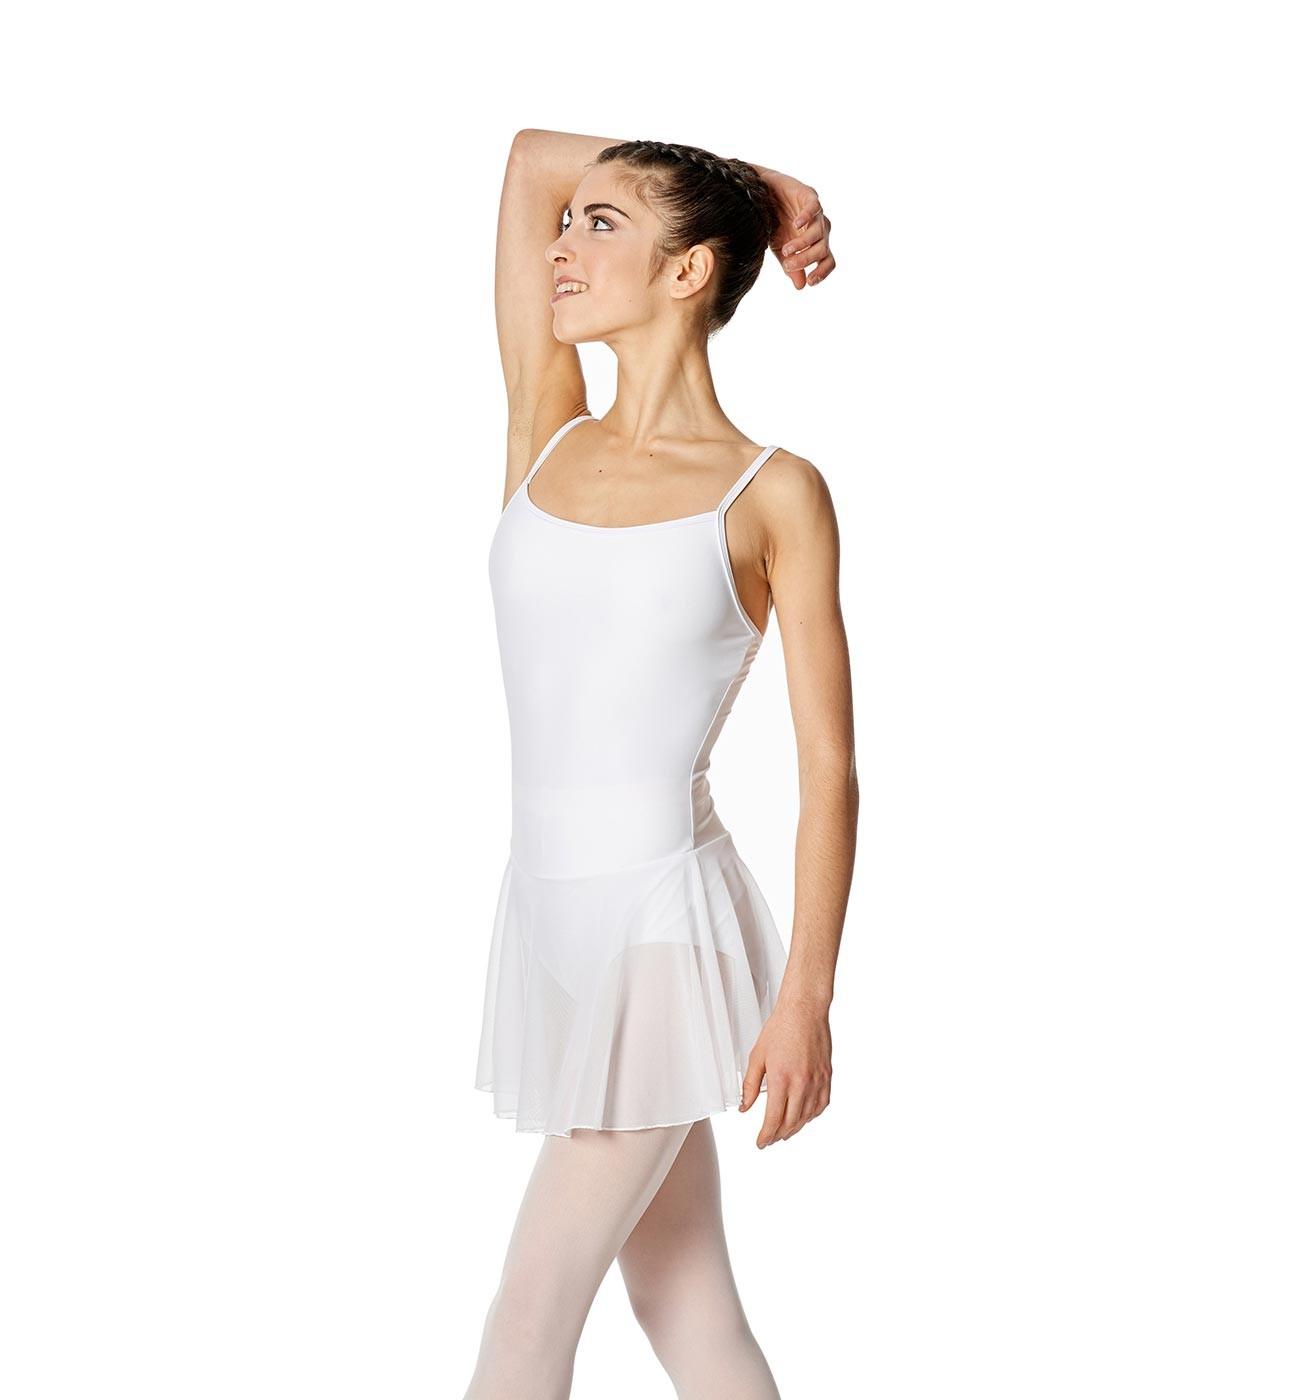 לבן שמלת בלט Lillian של Lulli כתפיות דקות וחצאית רשת LUB254